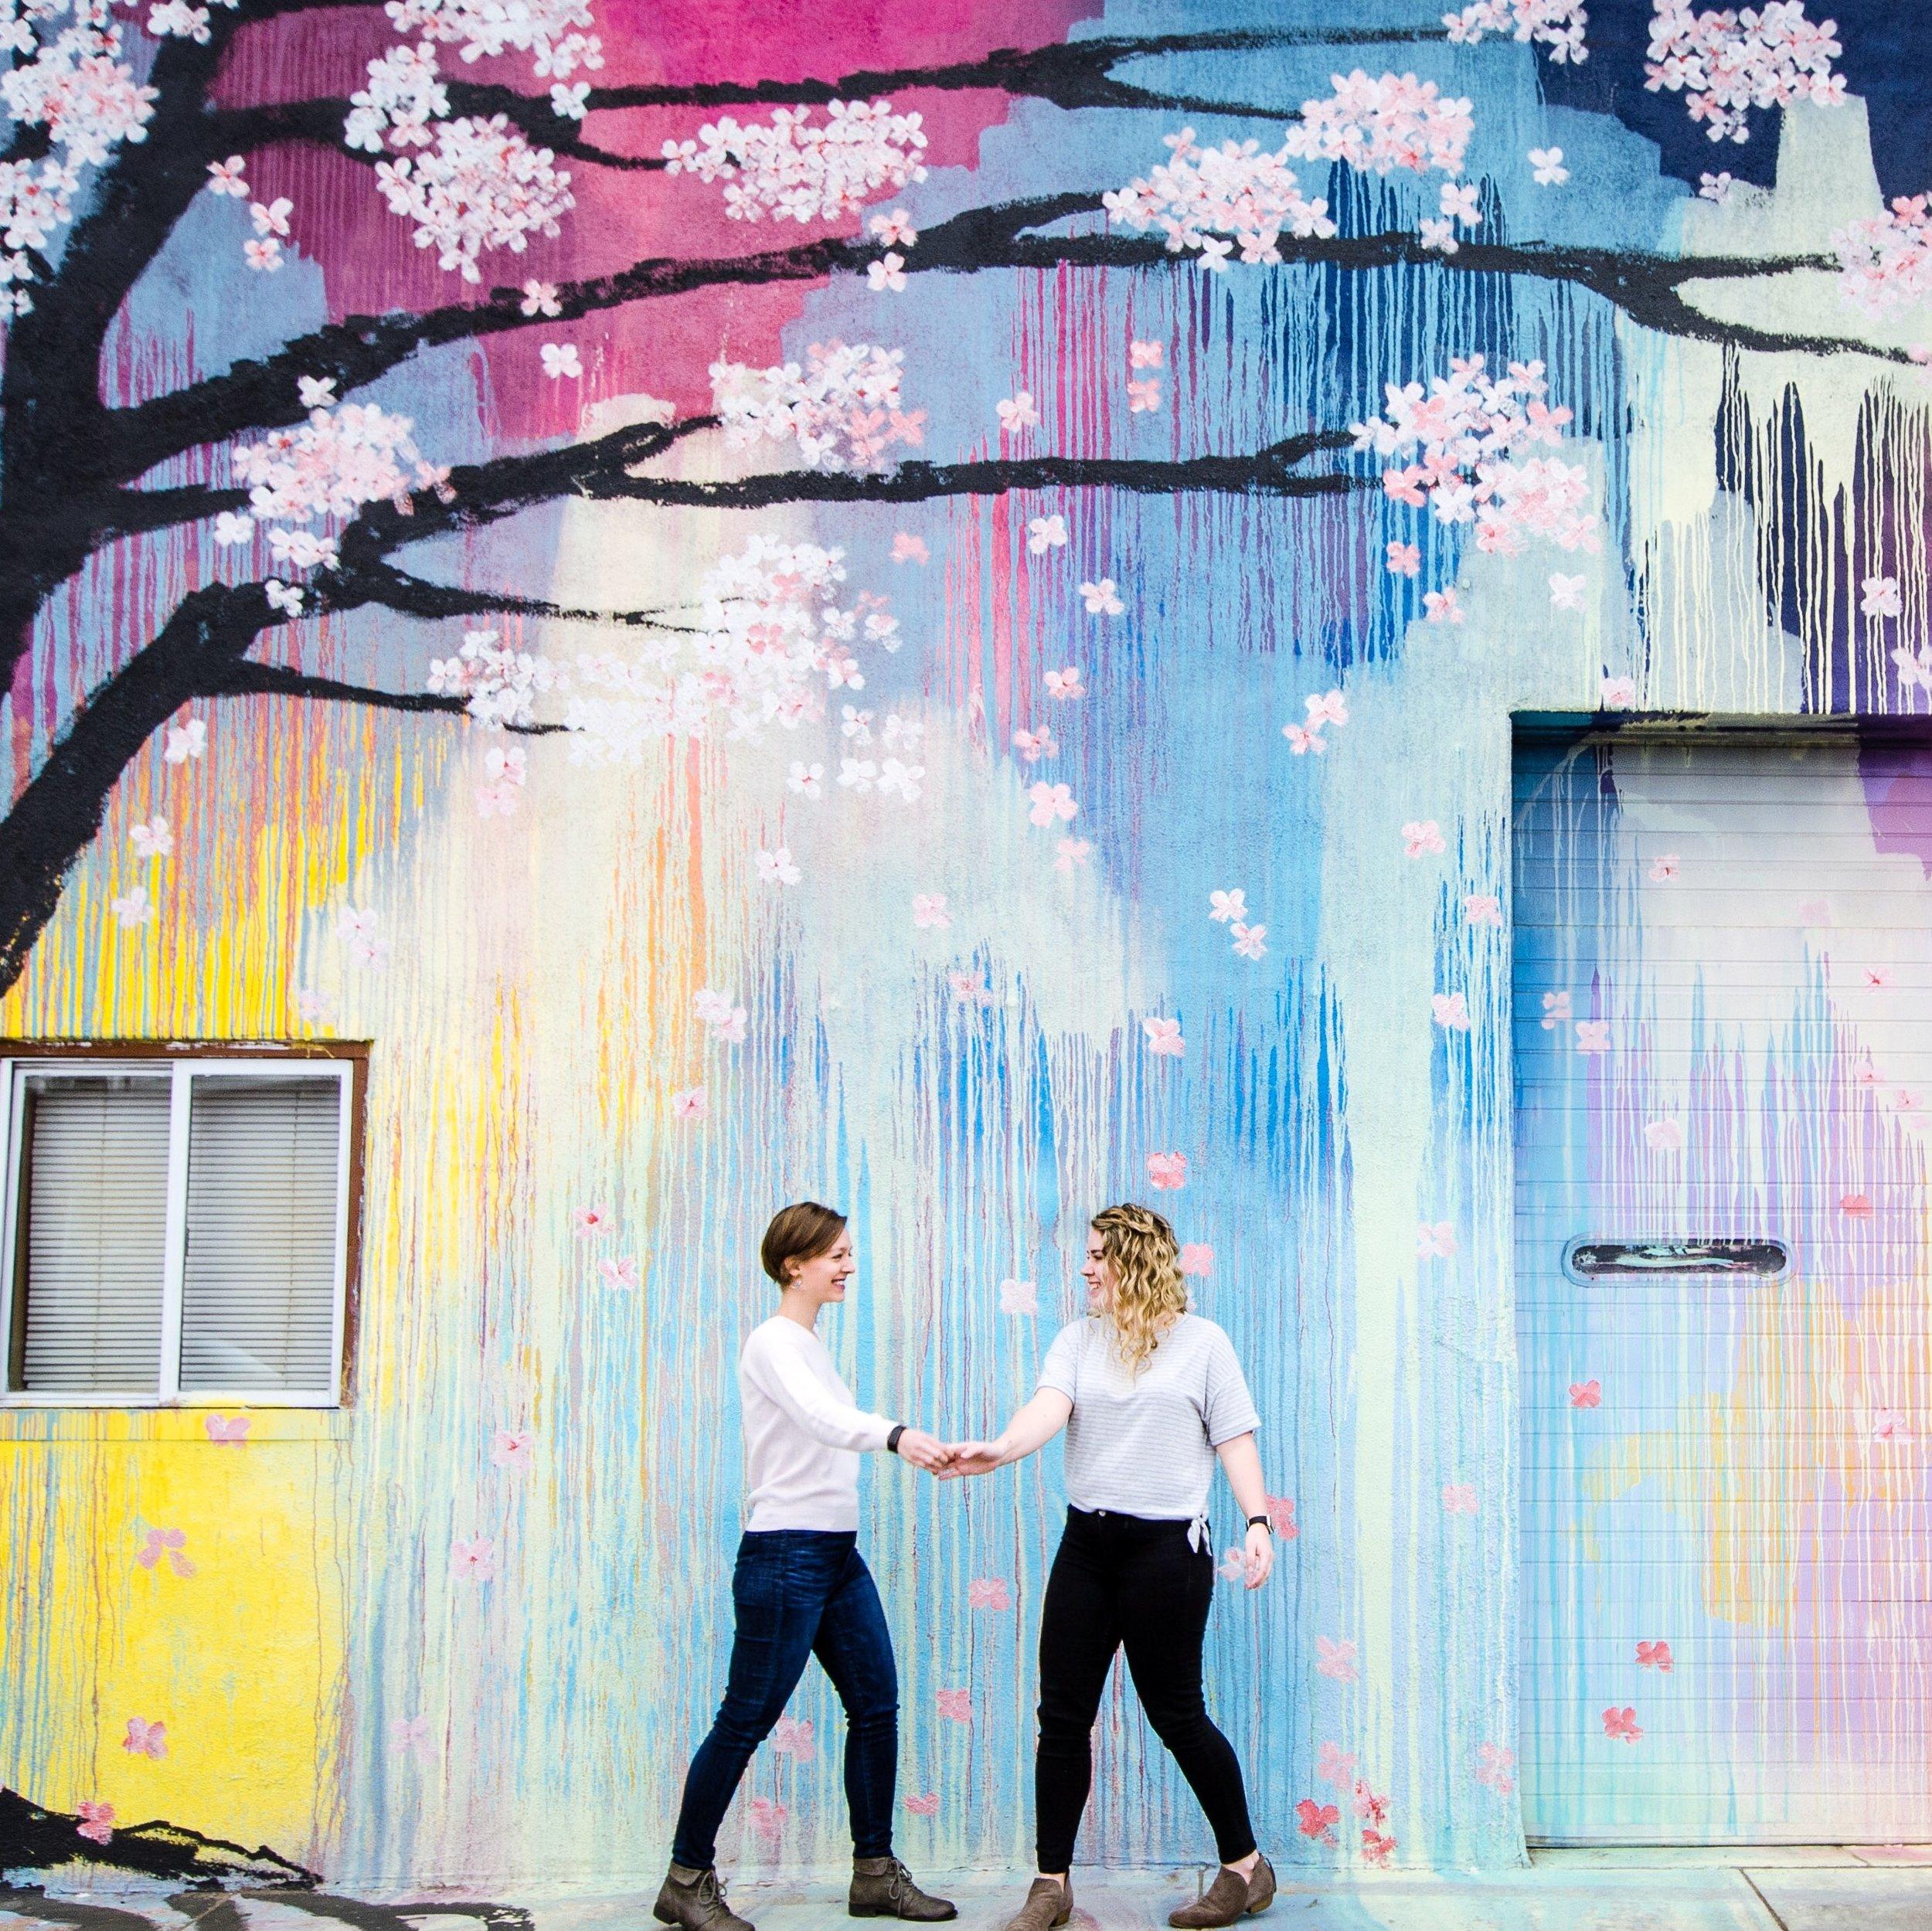 Denver Cherry Blossom Mural | Twofemmegems